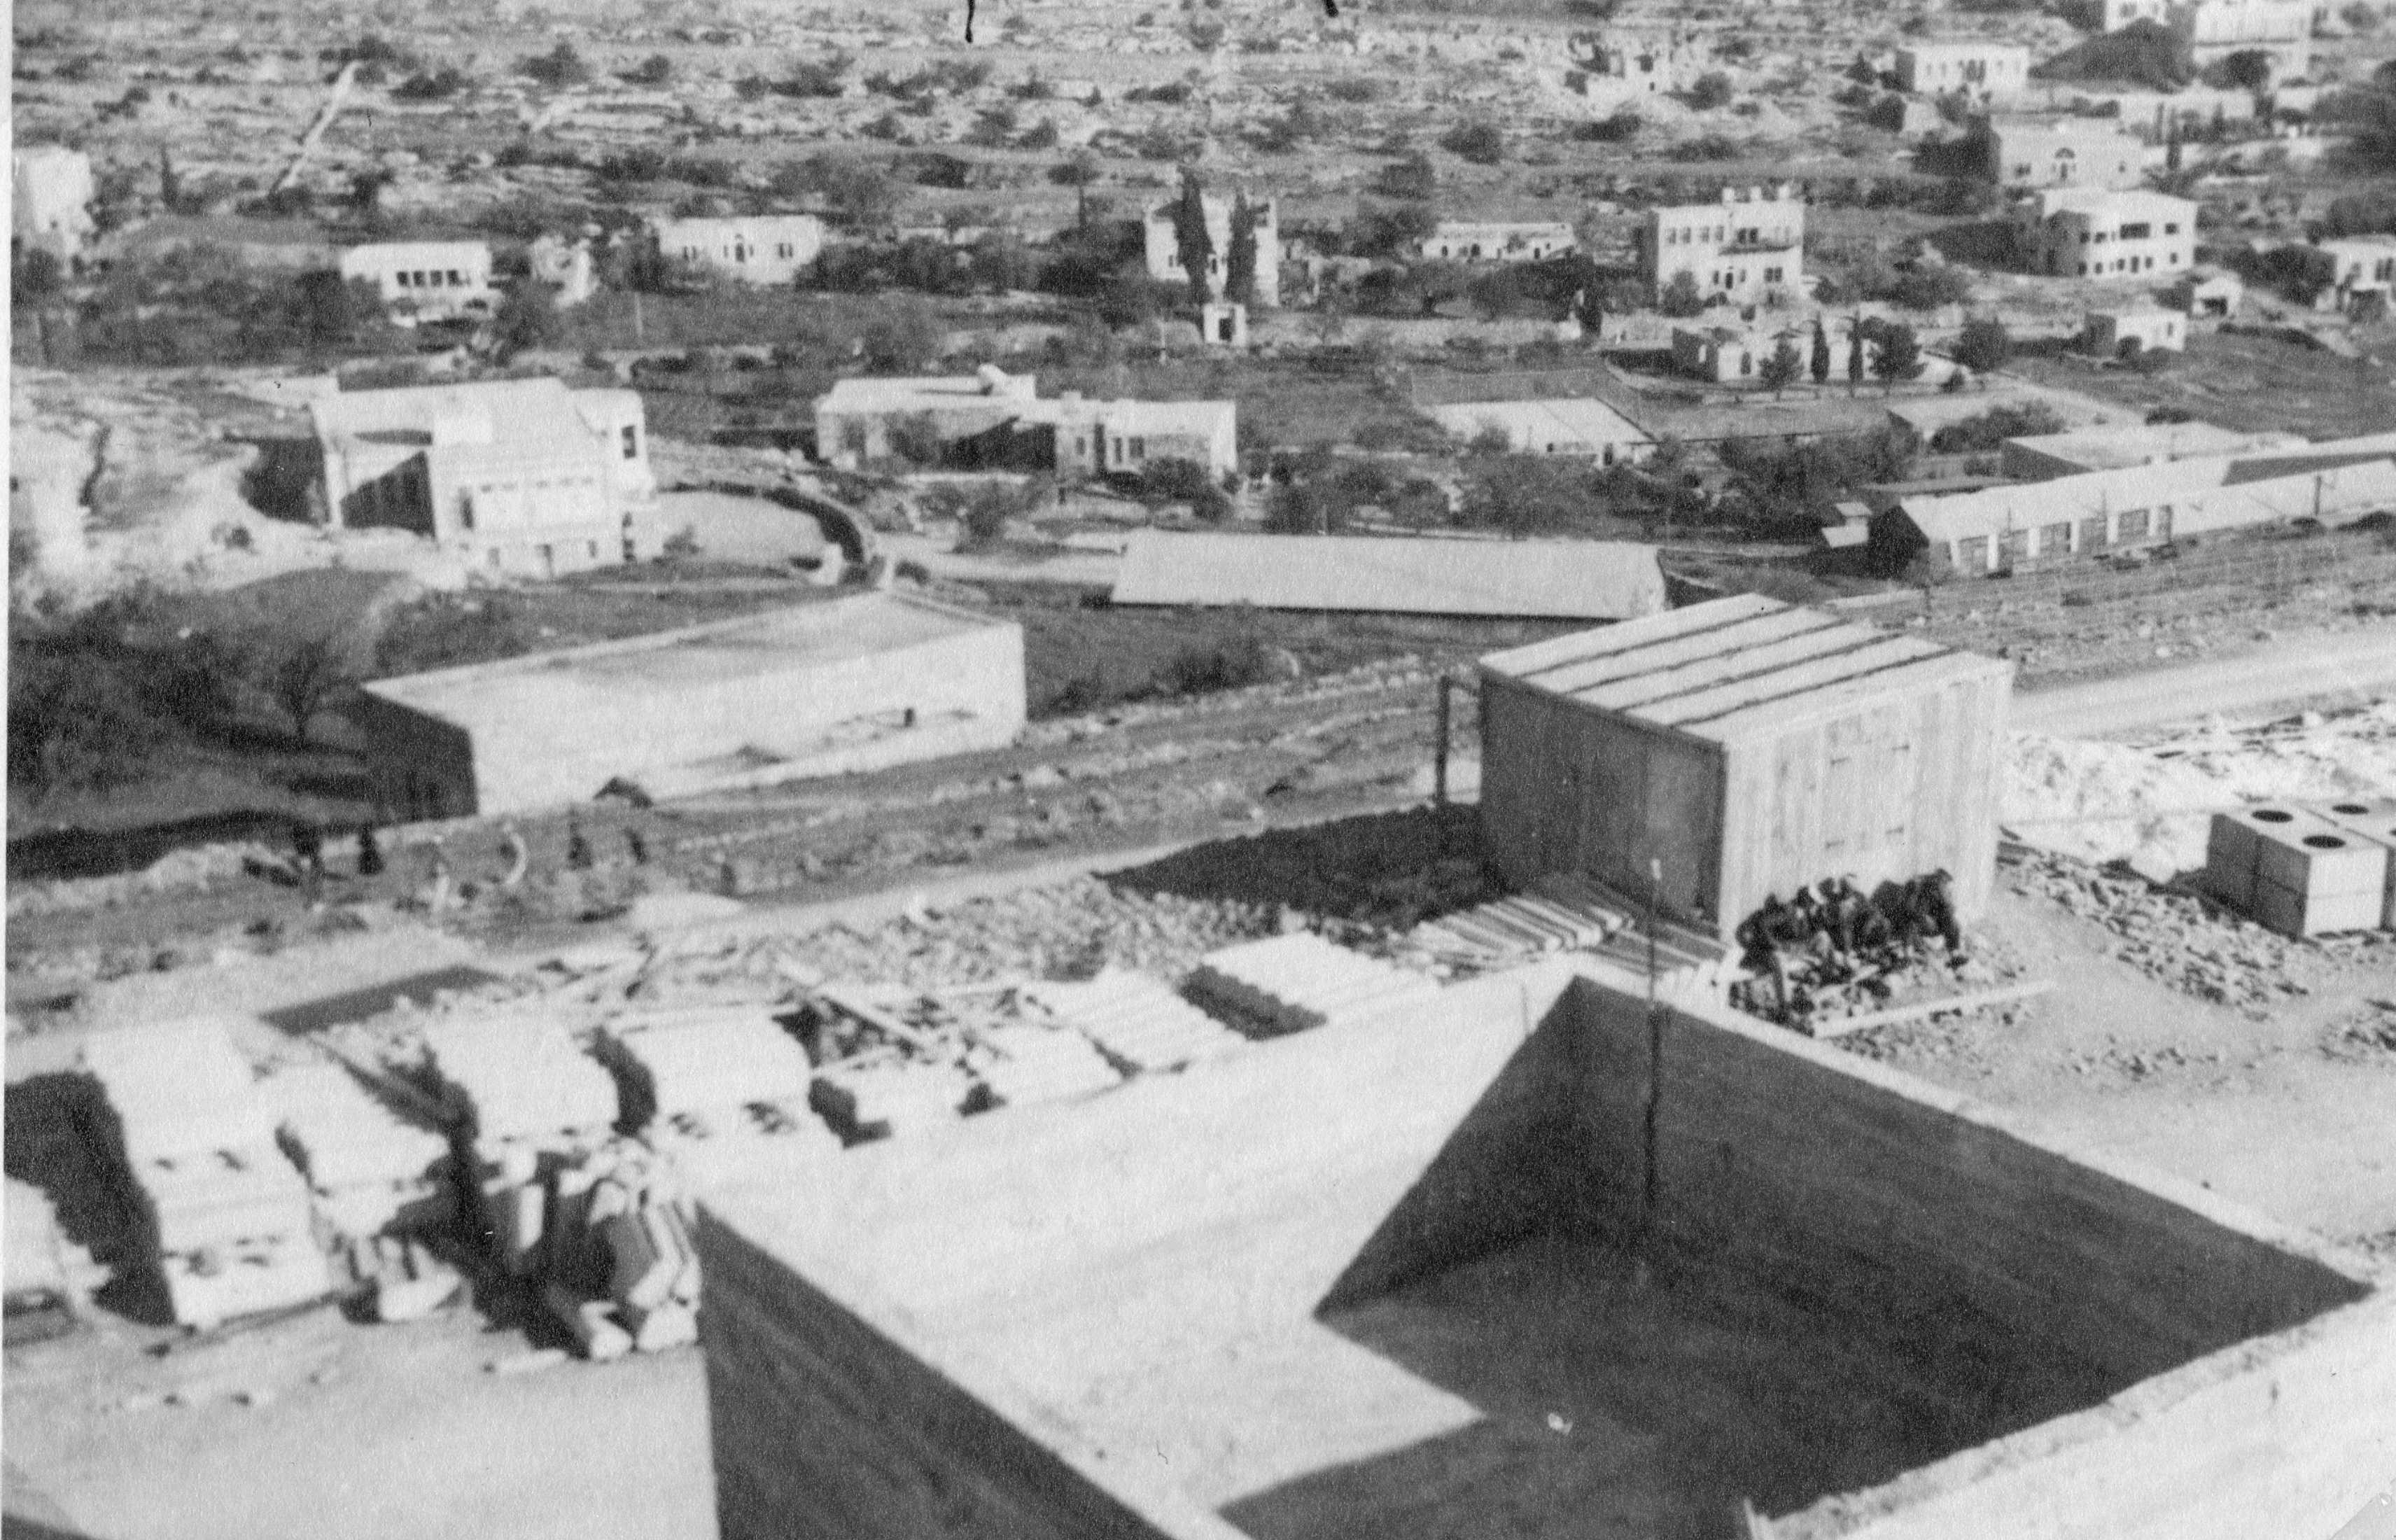 מבט מאחד ממגדלי מבנה משטרת חברון לעבר היישוב חברון בשנות השלושים - מקור: ארכיון המדינה